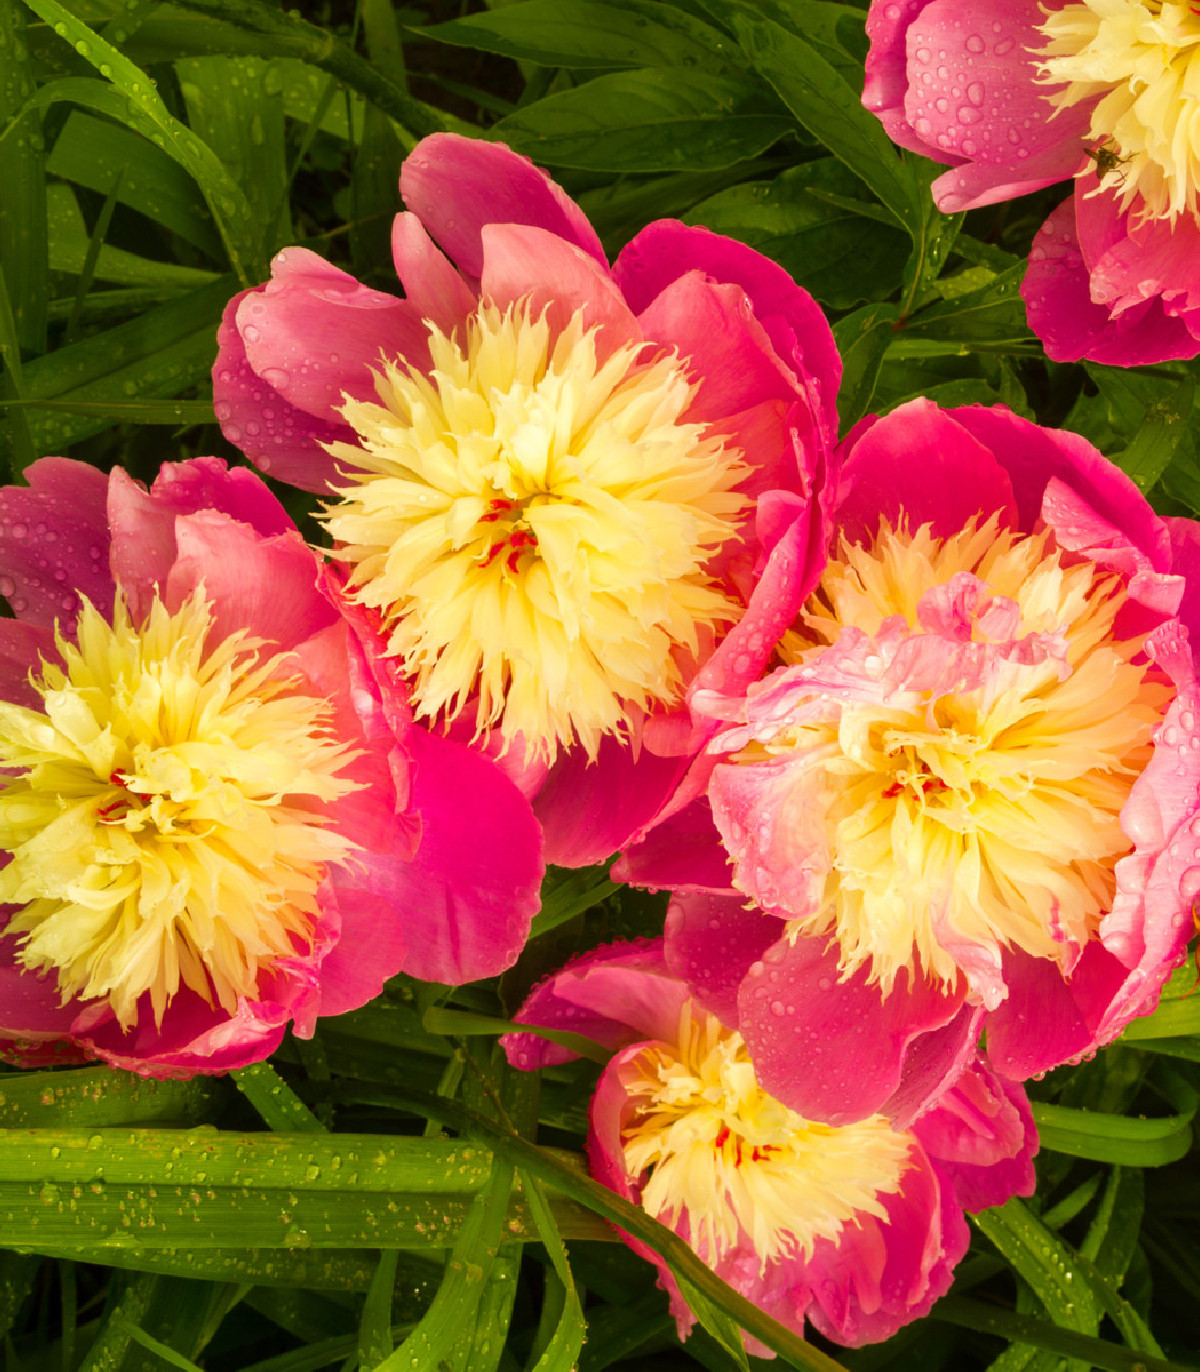 Pivónia Bowl of Beauty - Paeonia lactiflora - cibuľky pivoniek - 1 ks